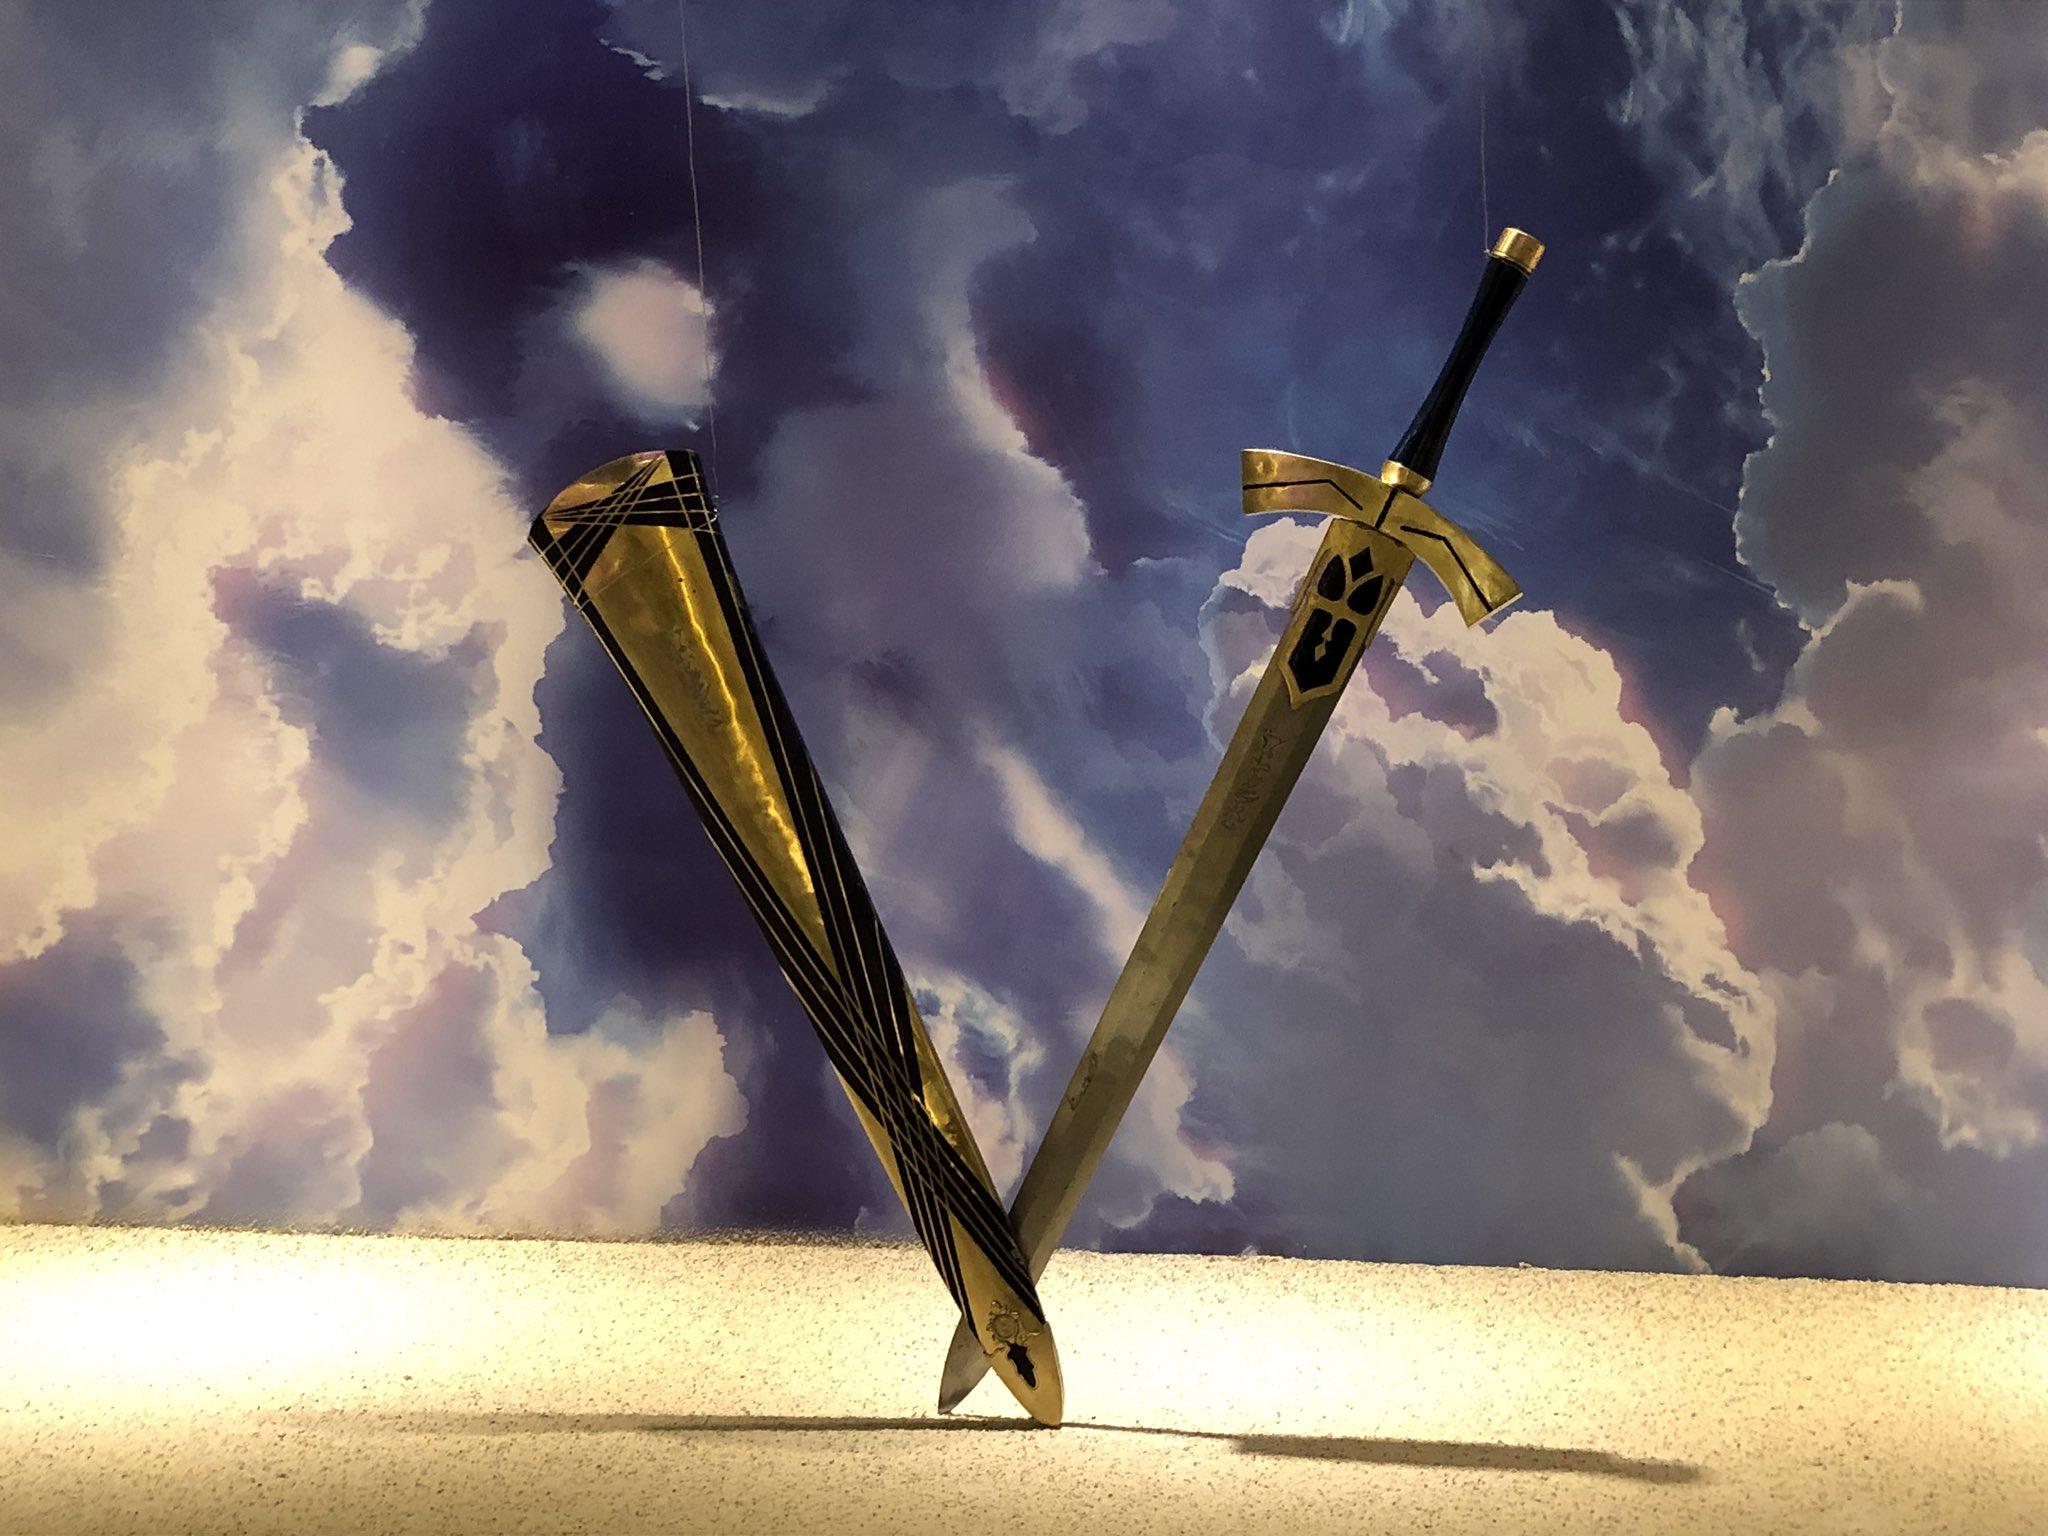 職人が作った本物の剣らしいです。本当に斬れるエクスカリバー。マシュの盾は50キロぐらいあるとのこと